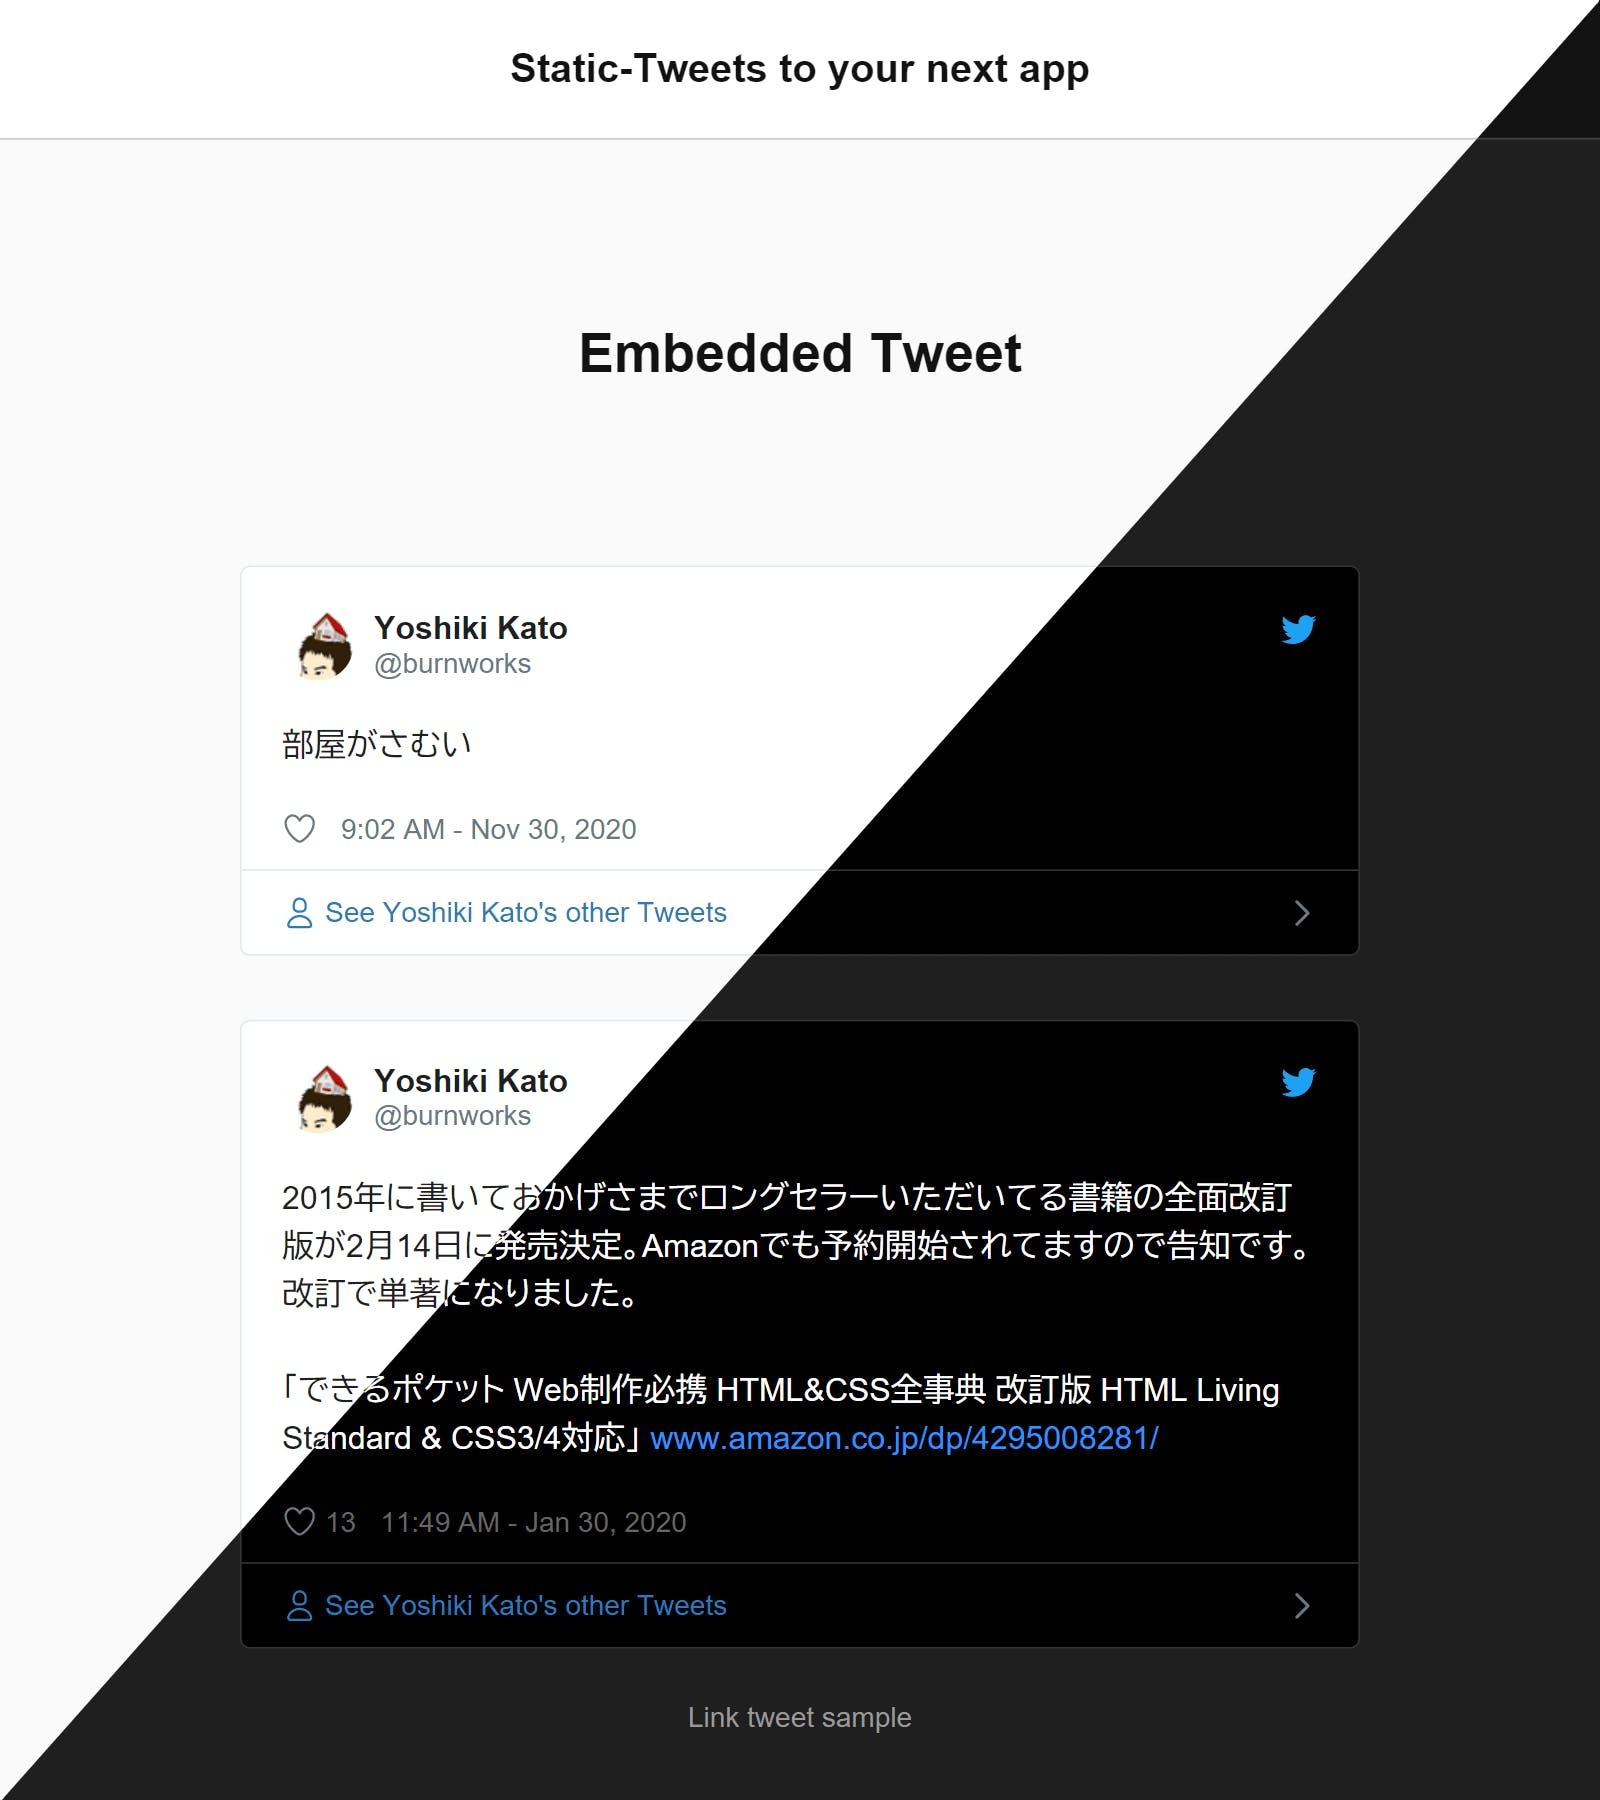 静的に埋め込んだツイートの表示例